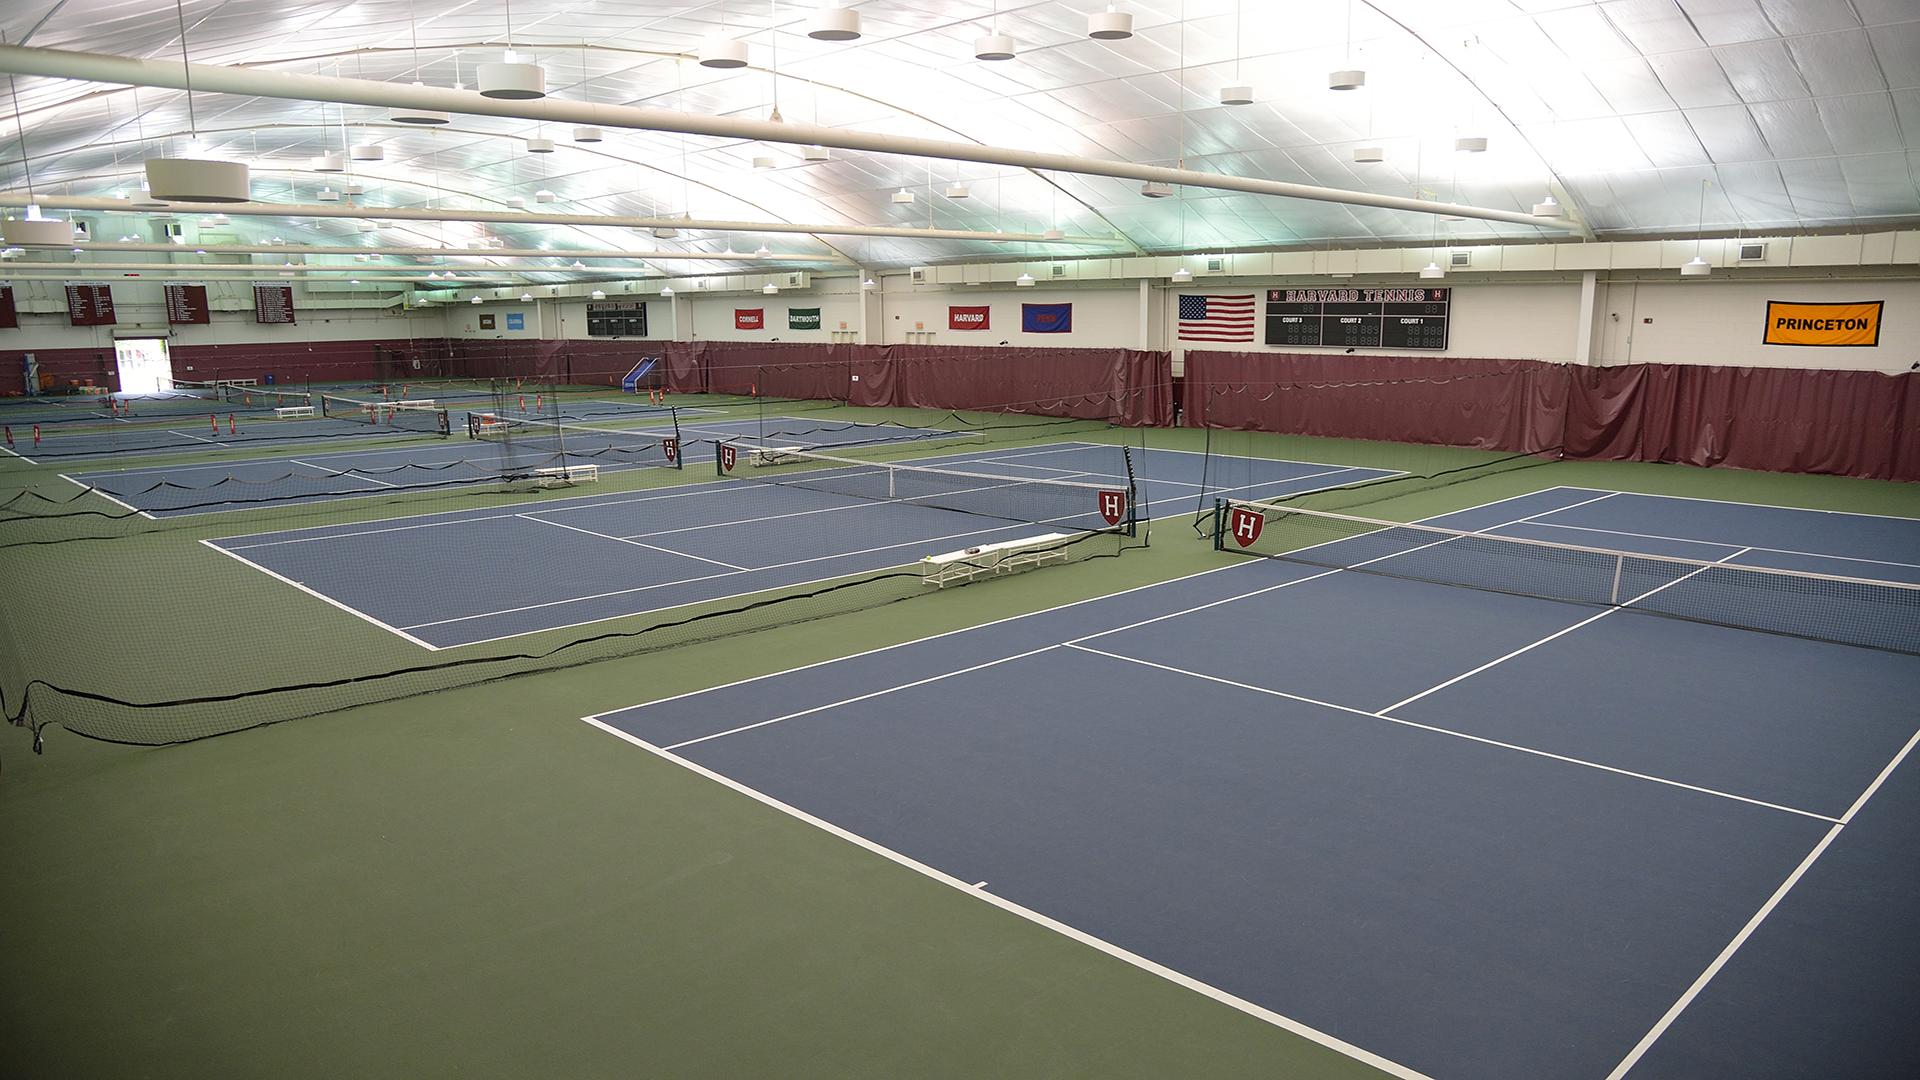 Murr Indoor Tennis Center